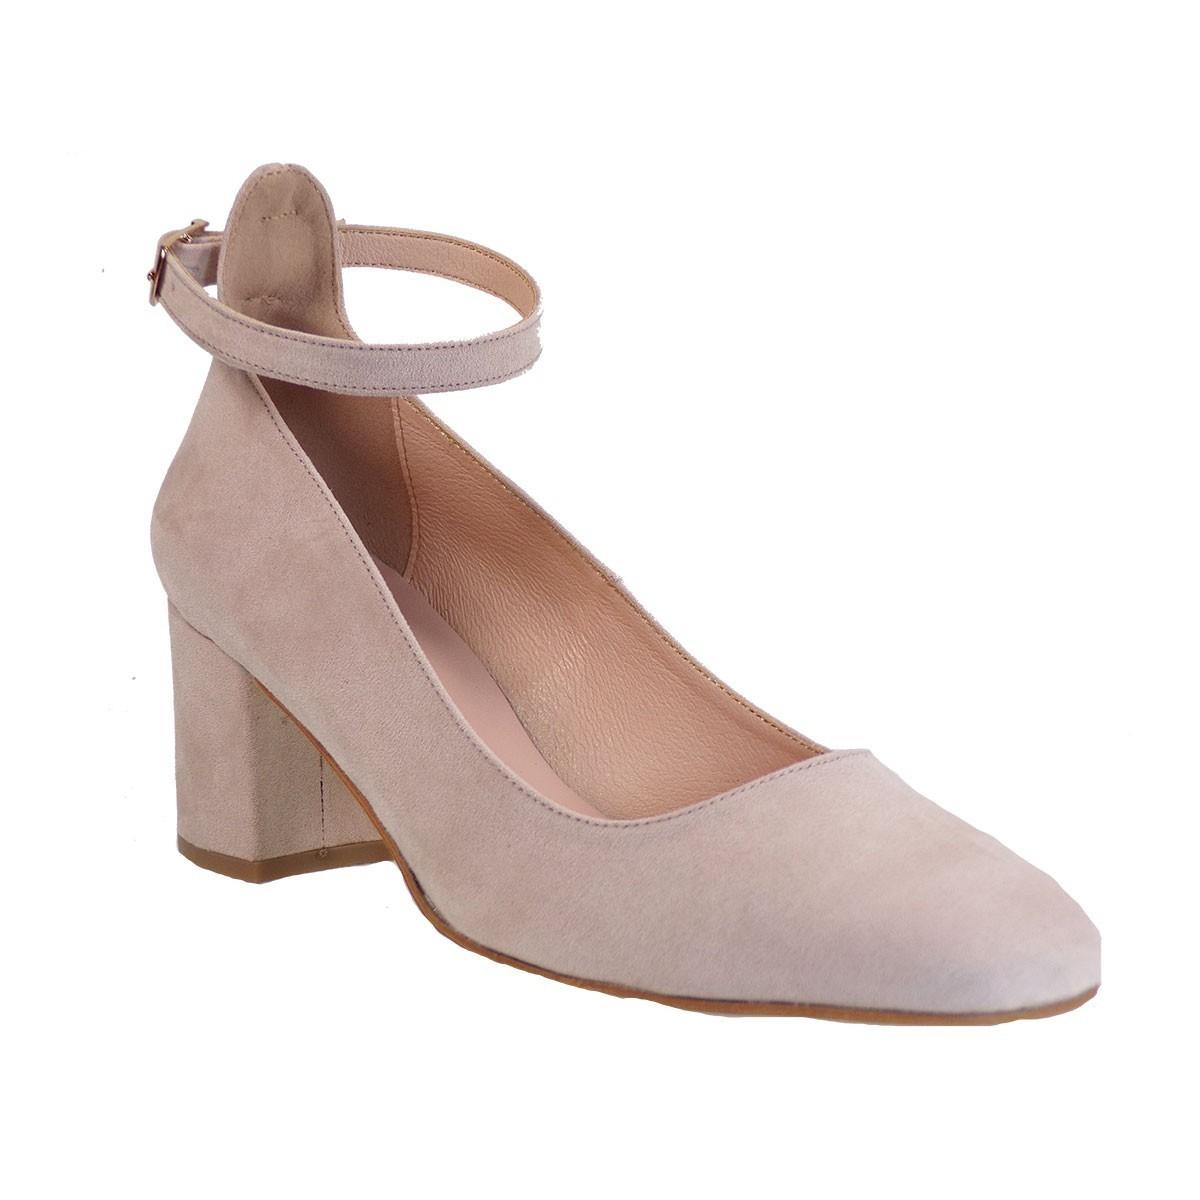 Μoods shoes Γυναικεία Παπούτσια Γόβα 1310 Nude Kαστόρι